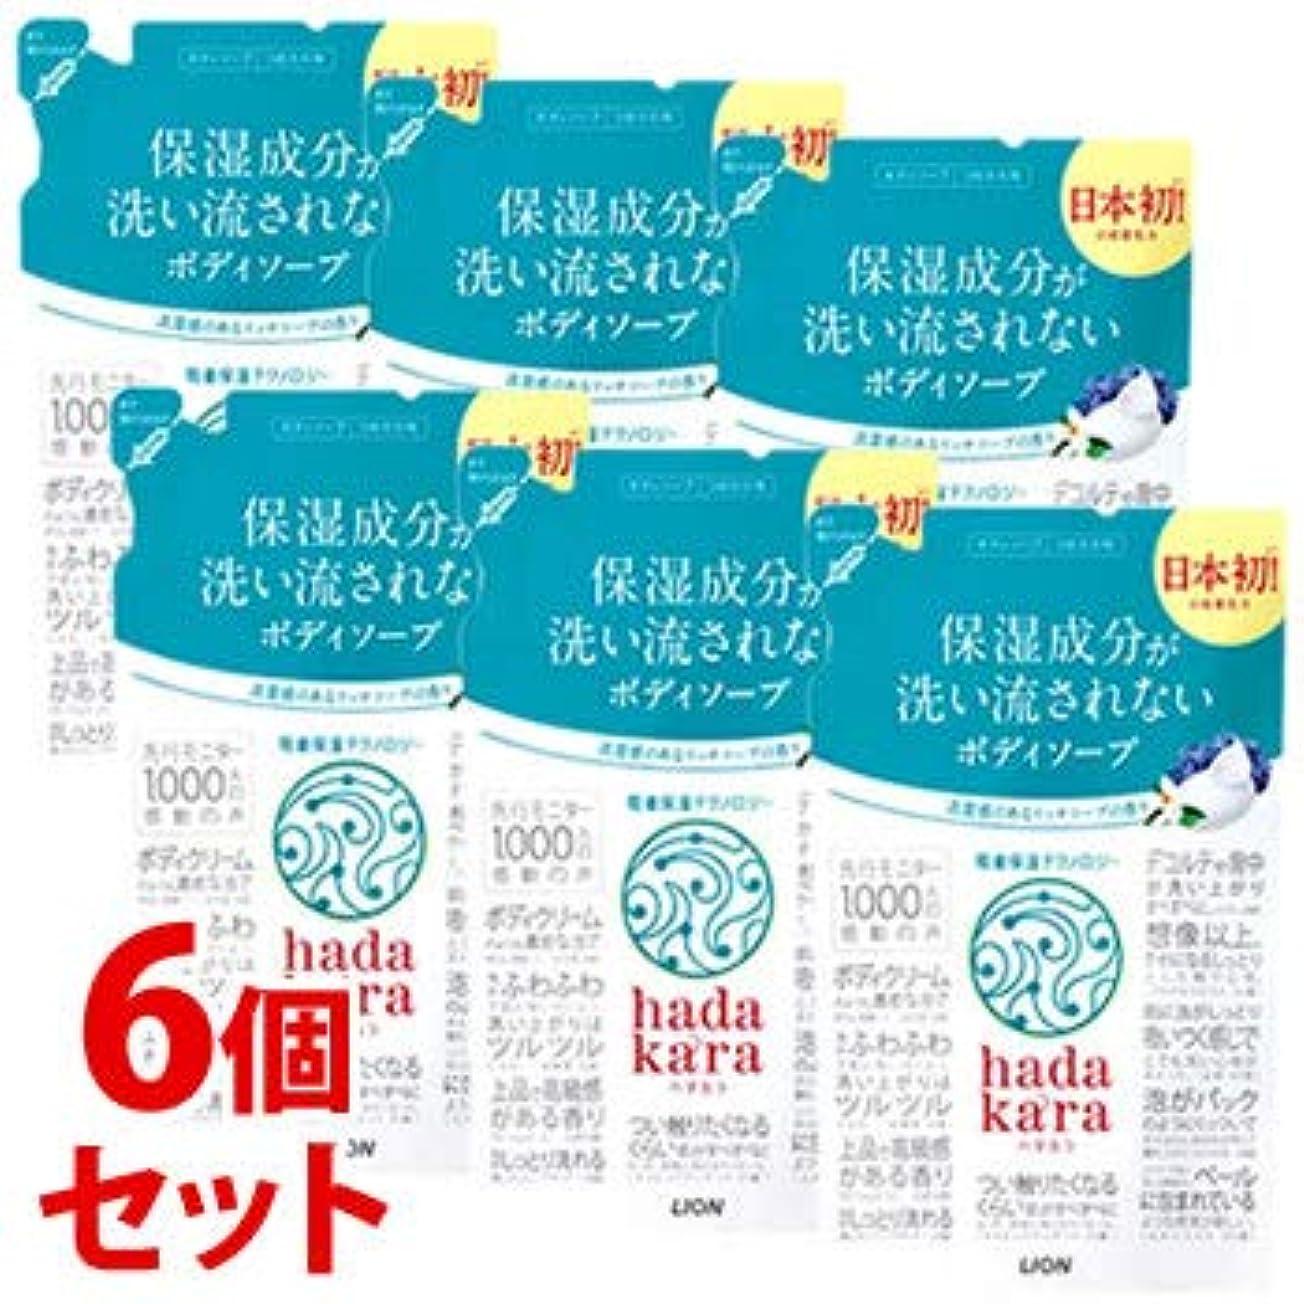 磨かれたガイドライン注目すべき《セット販売》 ライオン ハダカラ hadakara ボディソープ リッチソープの香り つめかえ用 (360mL)×6個セット 詰め替え用